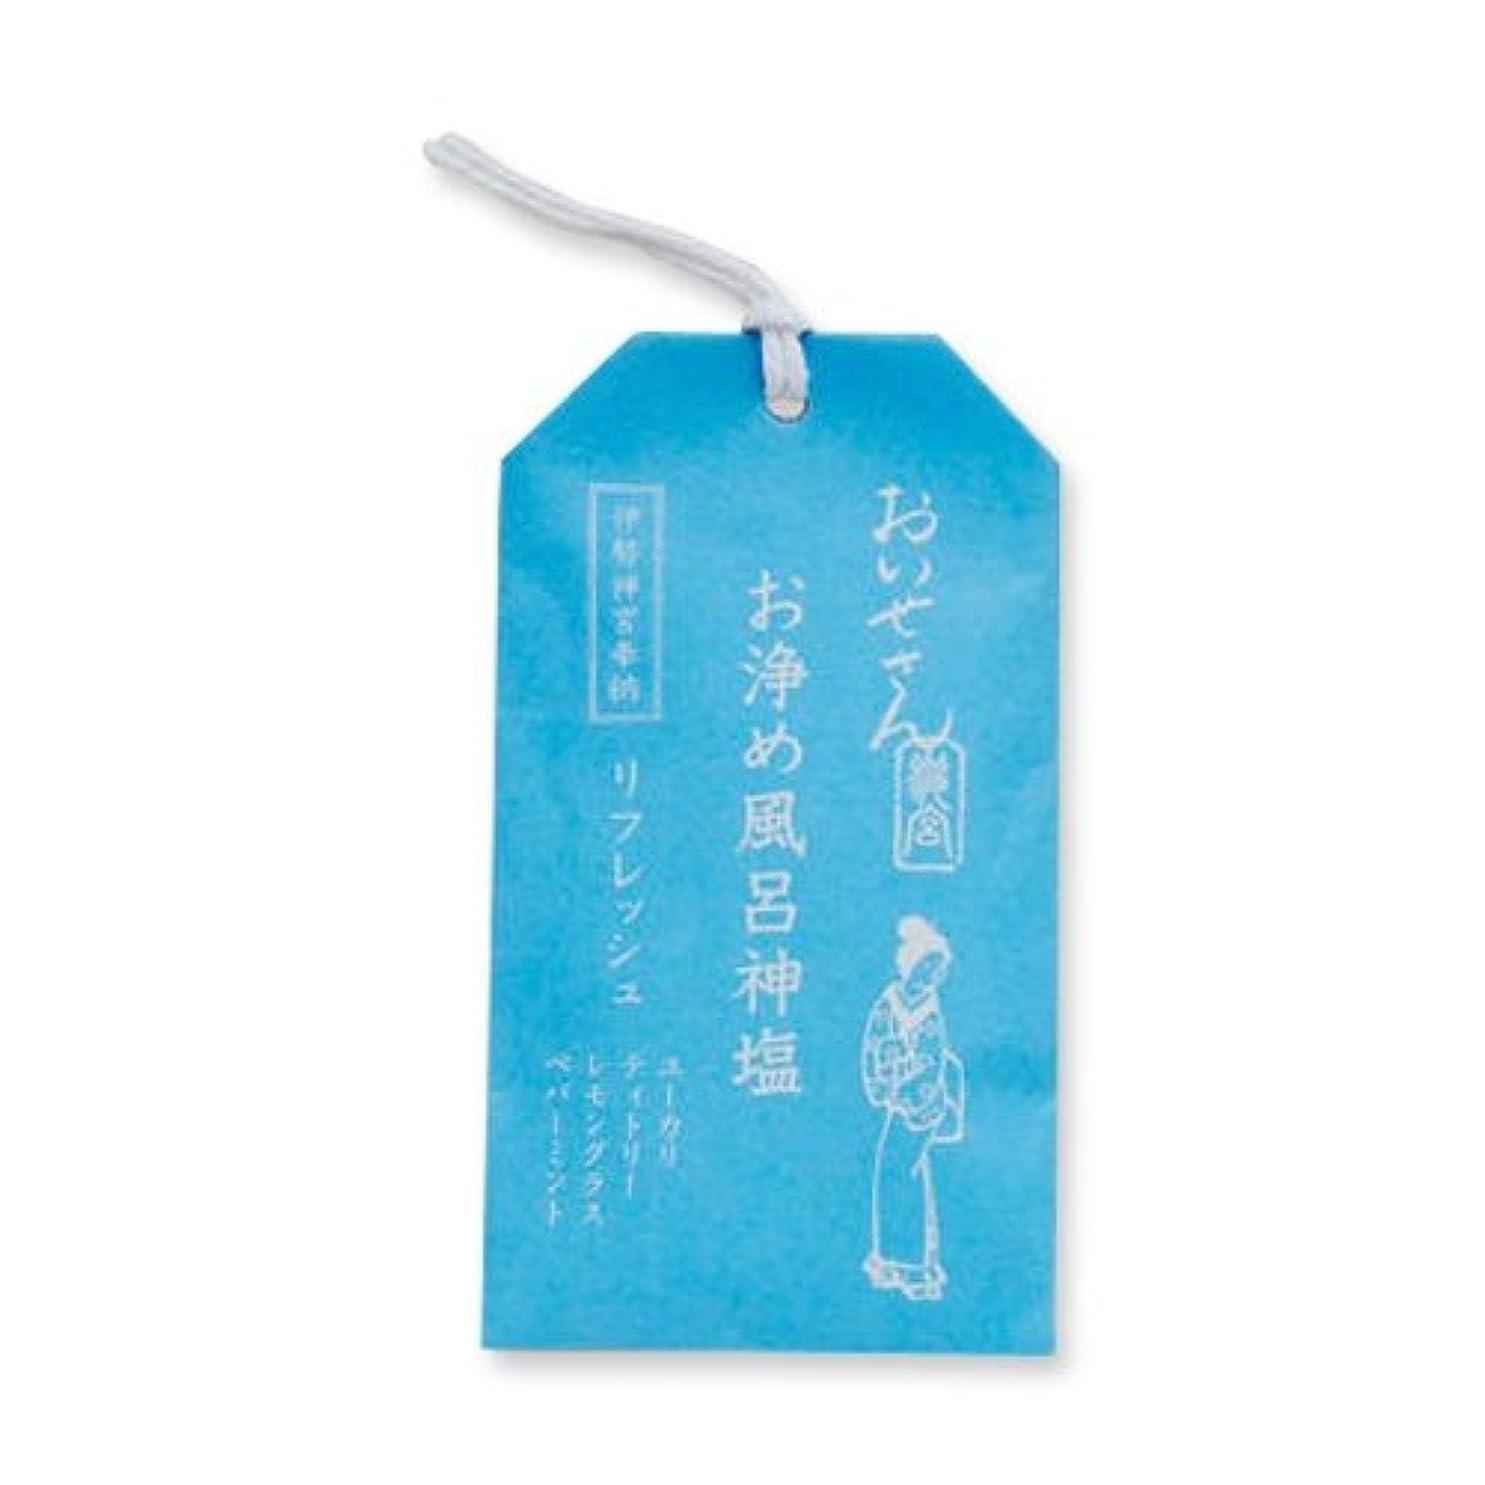 惑星原理憲法おいせさん お浄め風呂神塩 バス用ソルト(リフレッシュ) 20g